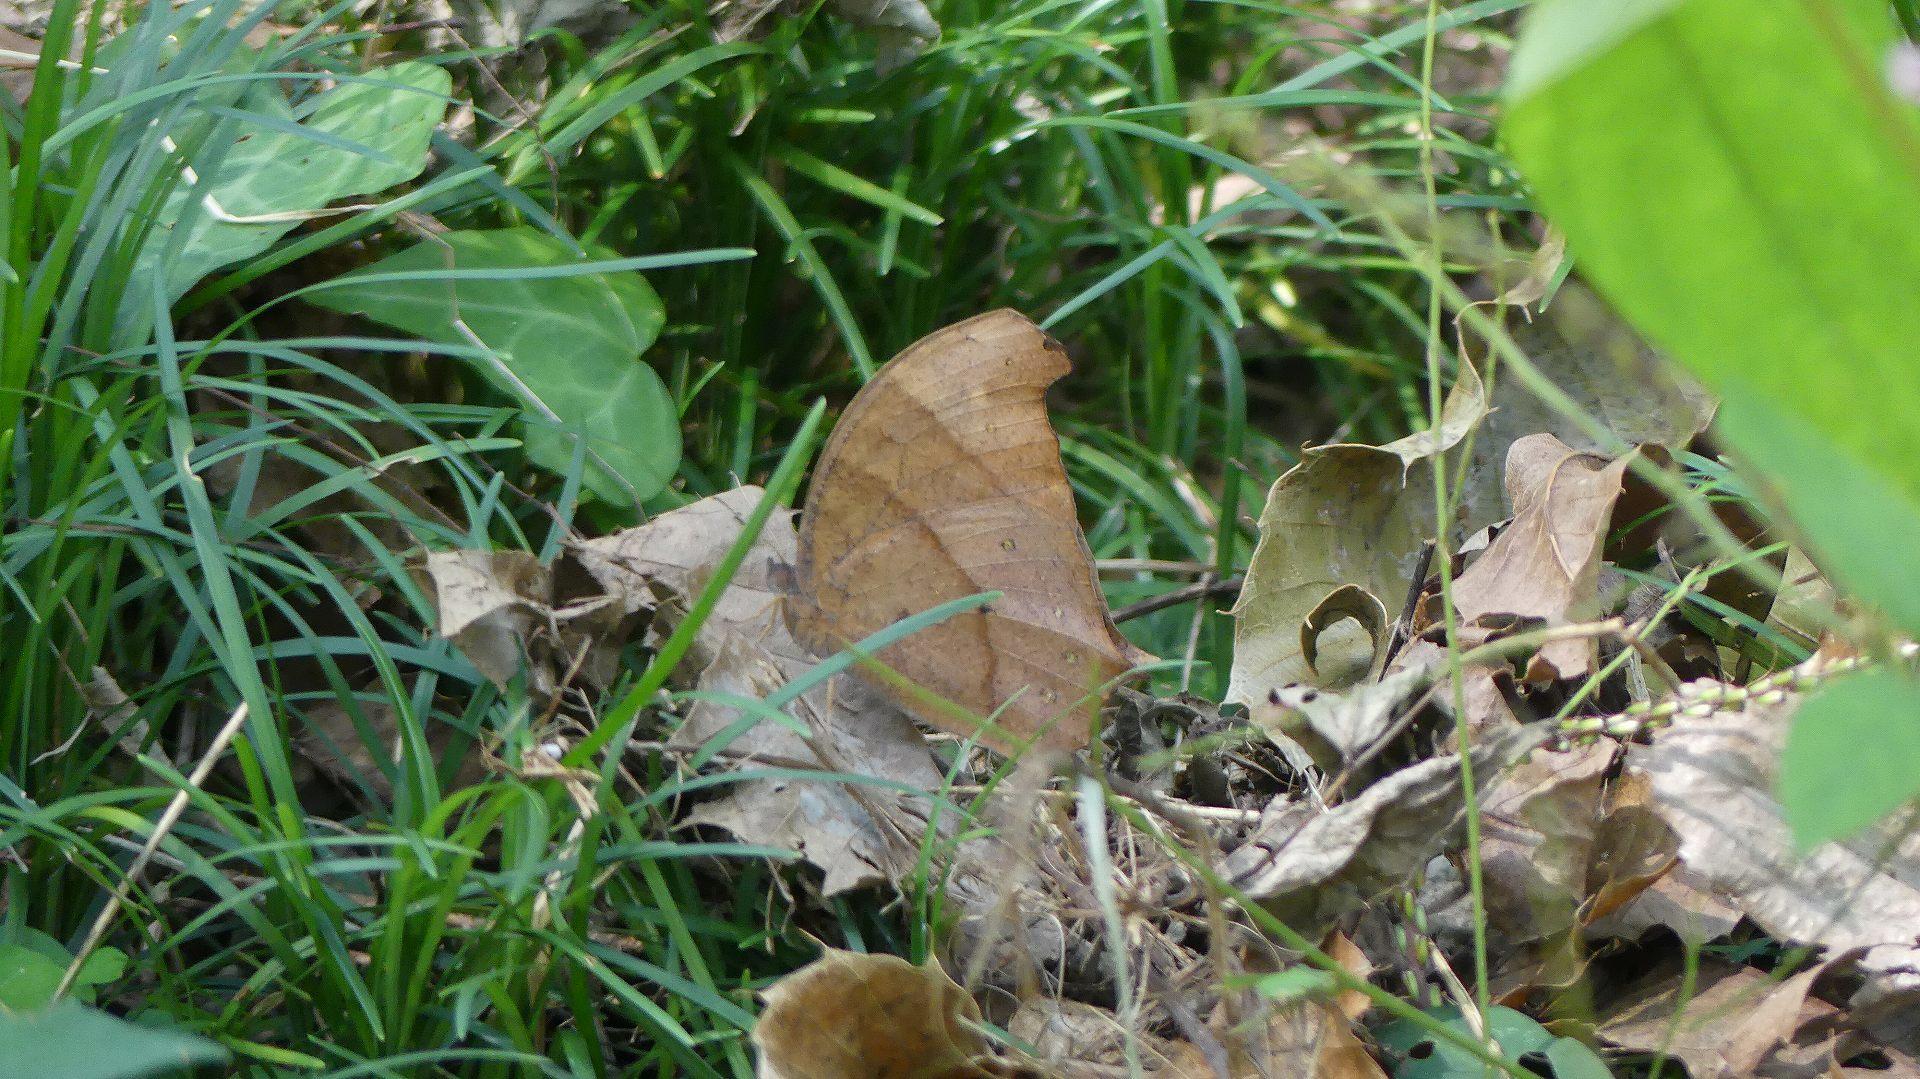 ニンニン! 木の葉隠れ!_a0185081_20225923.jpg